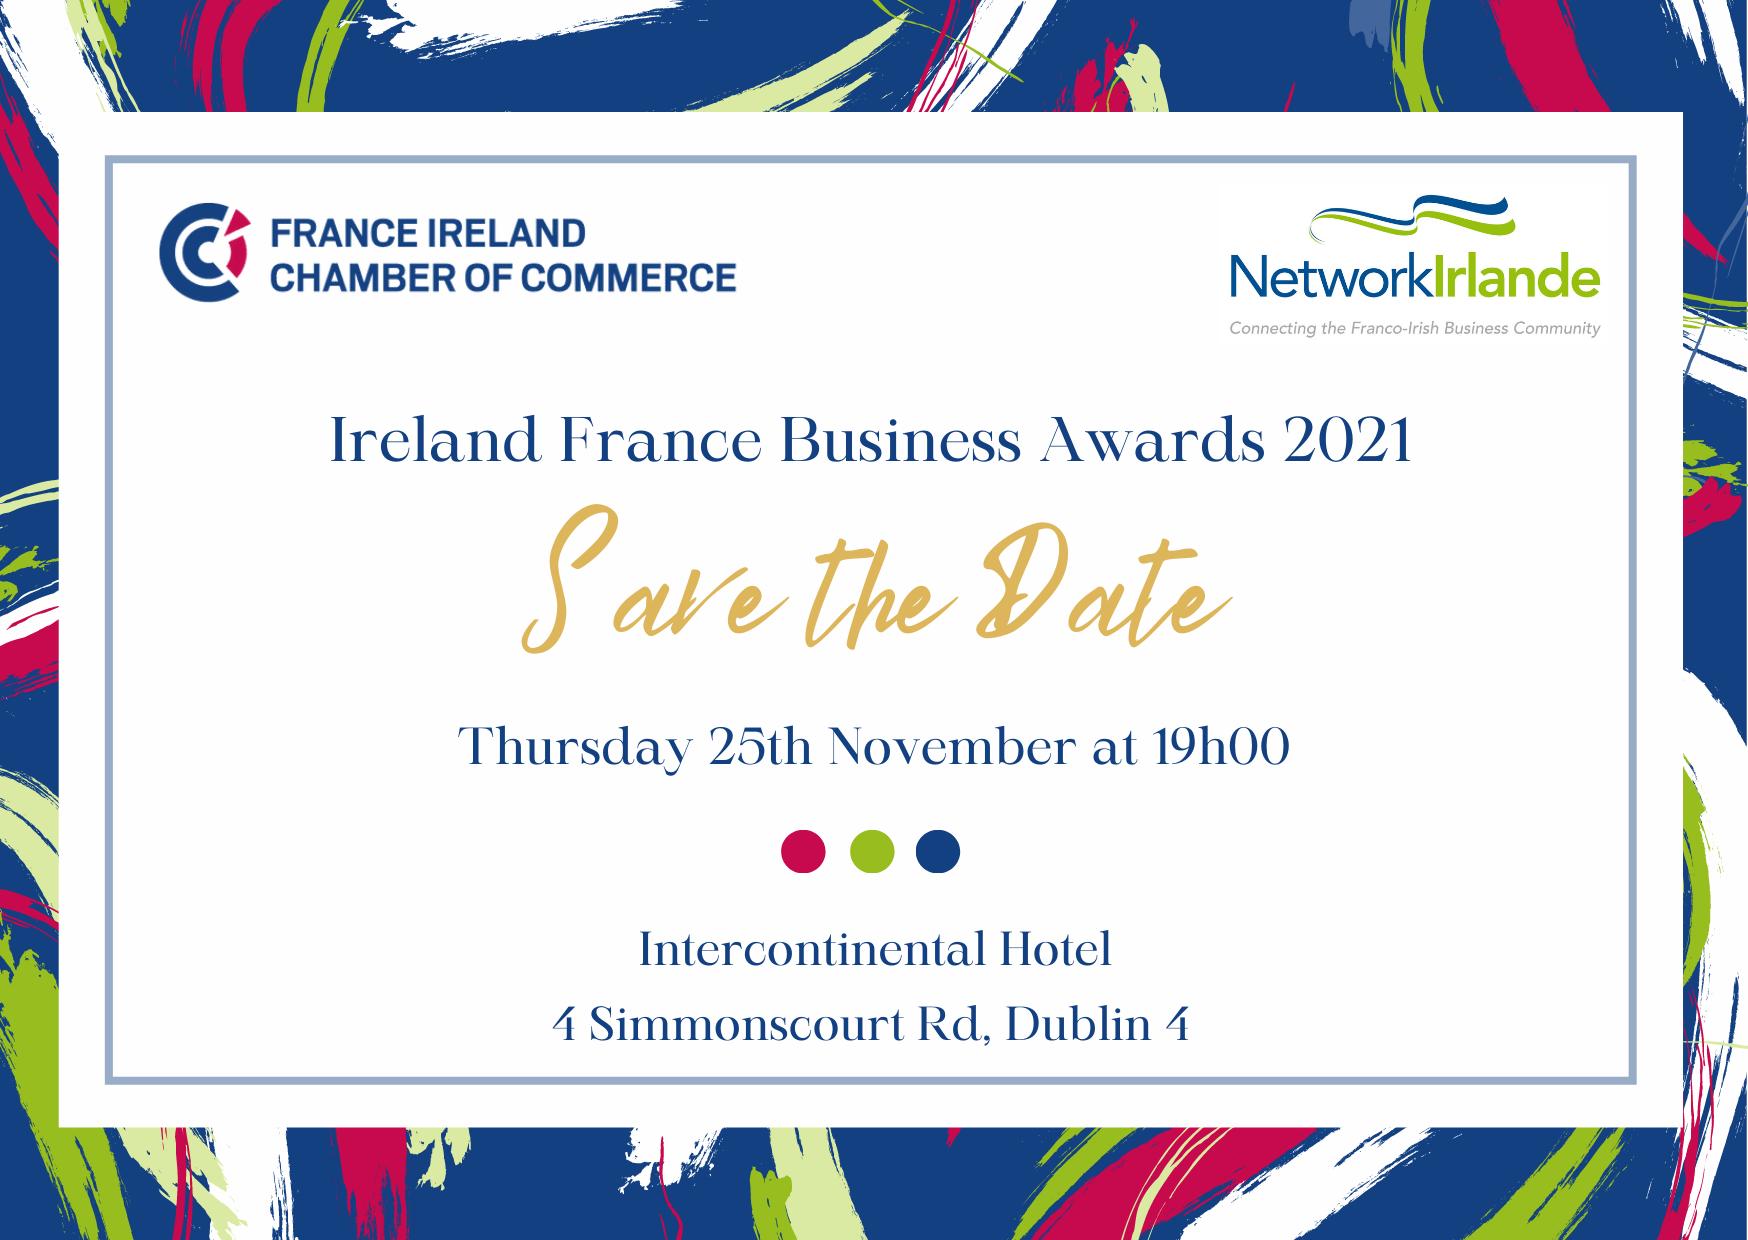 Ireland France Business Awards 2021